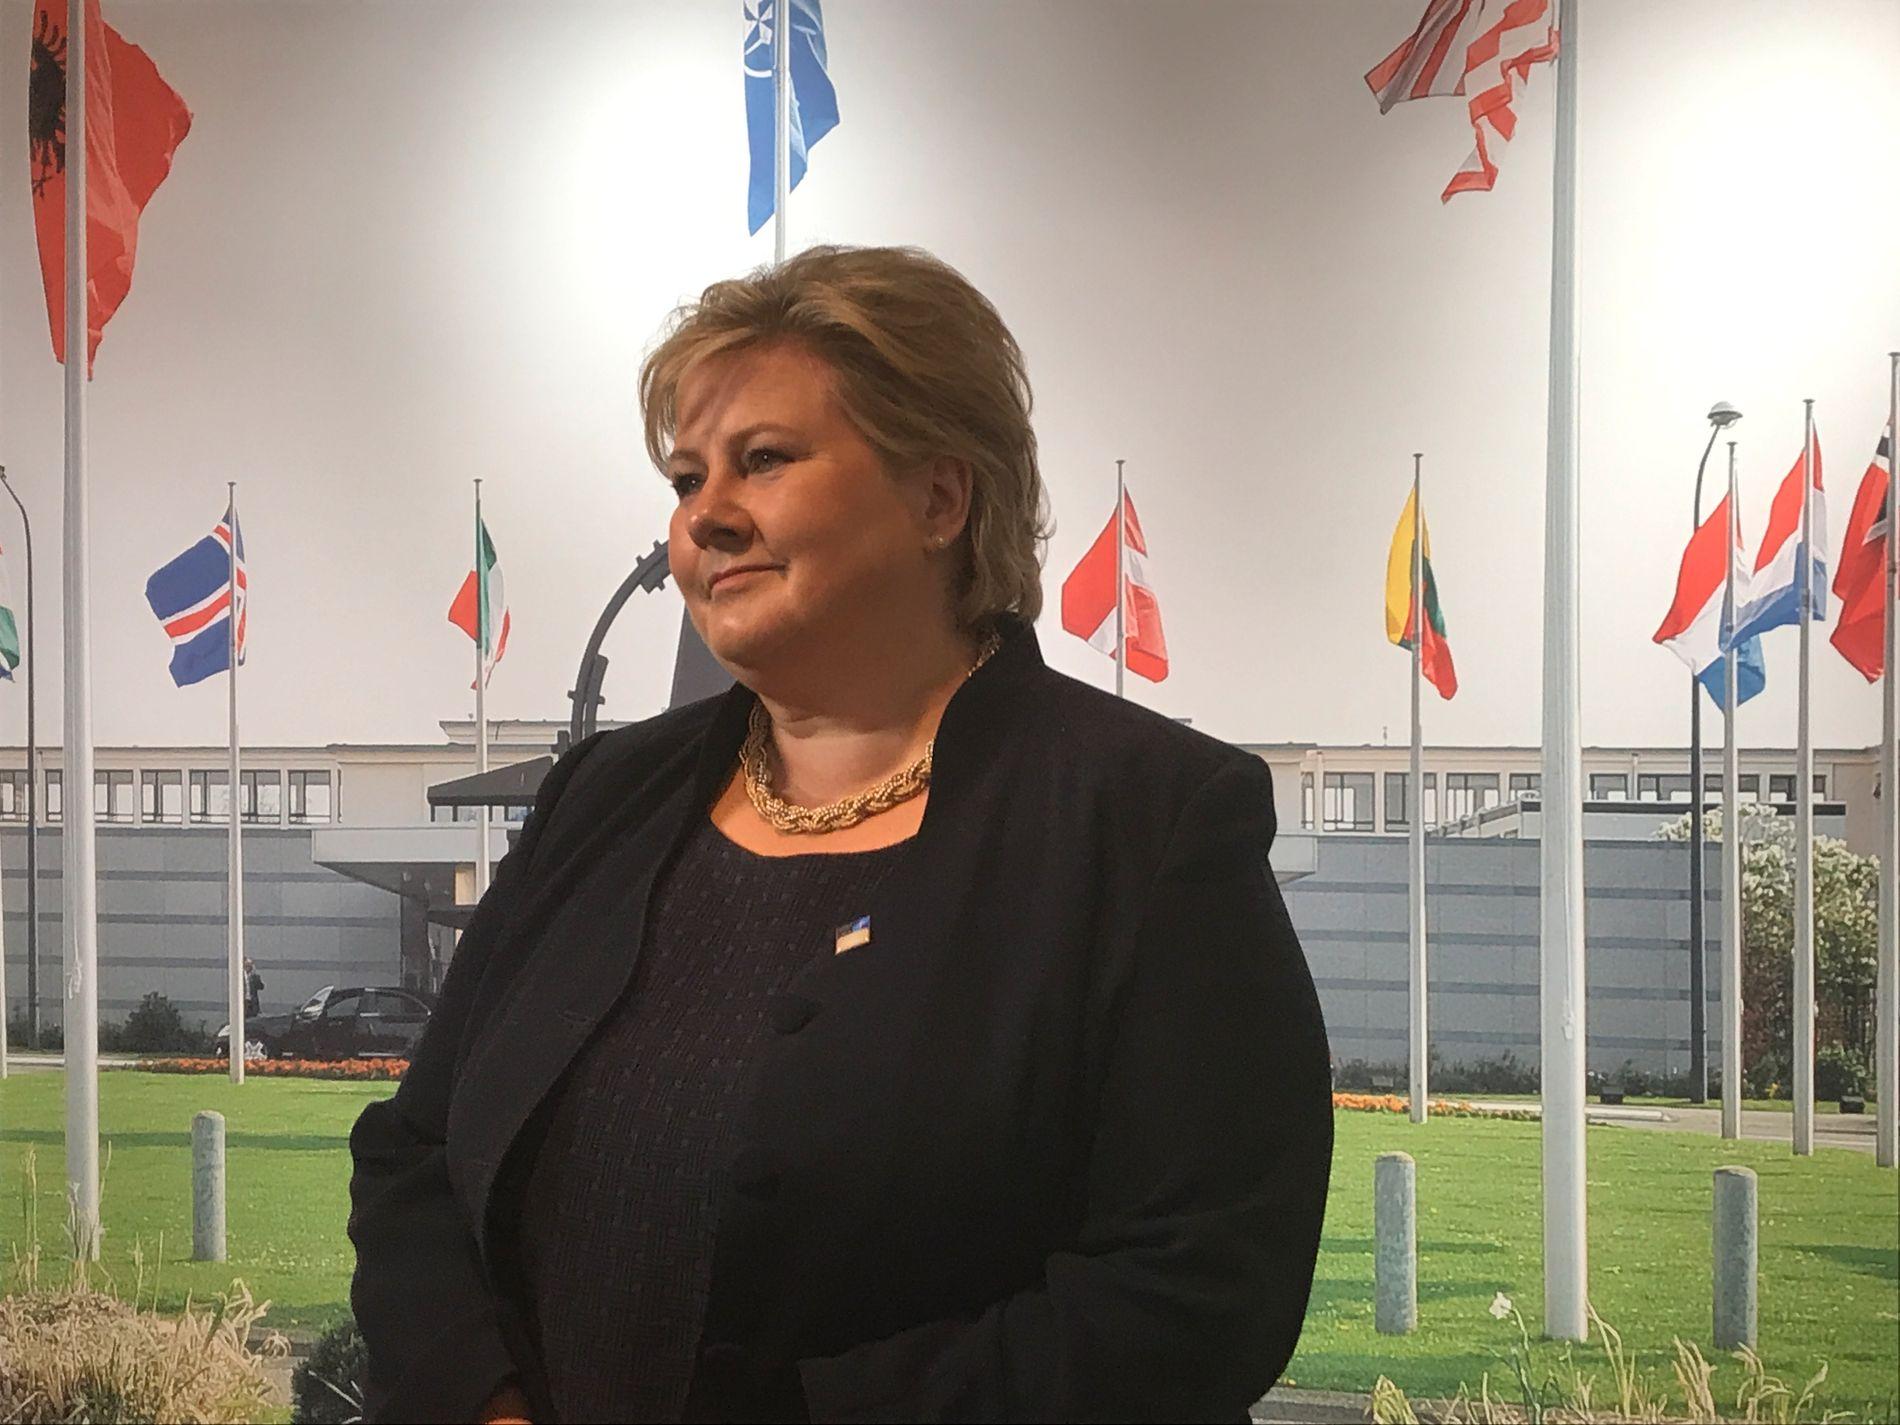 Statsminister Erna Solberg sier regjeringen har gjort mye for å styrke beredskapen i Norge